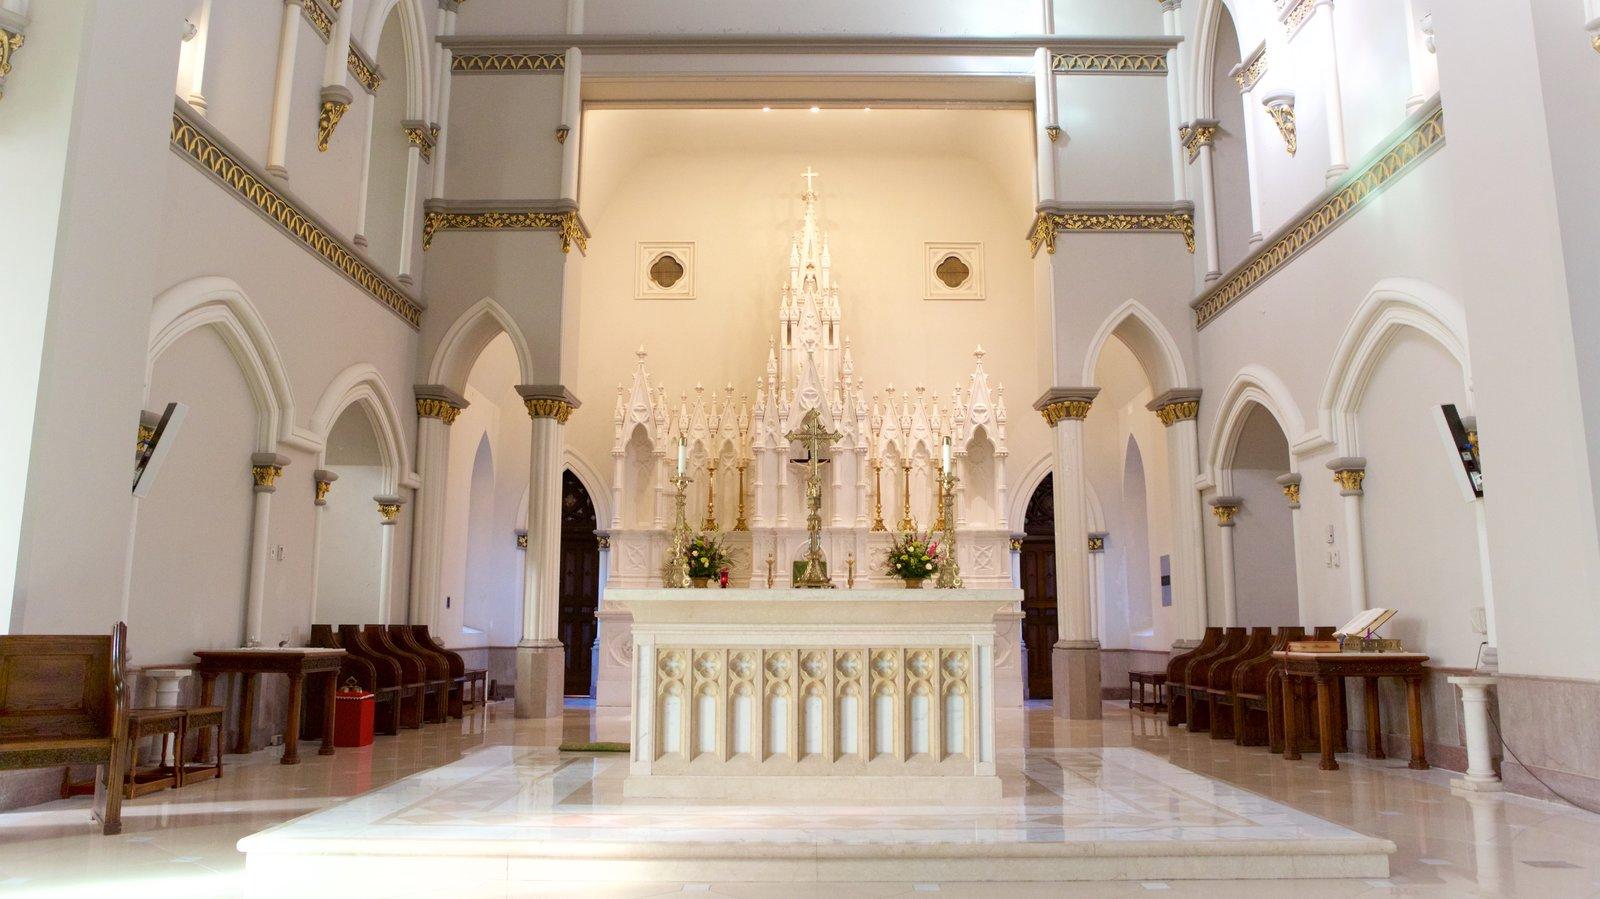 Cathedral of Saint John the Baptist caracterizando uma igreja ou catedral, vistas internas e elementos de patrimônio